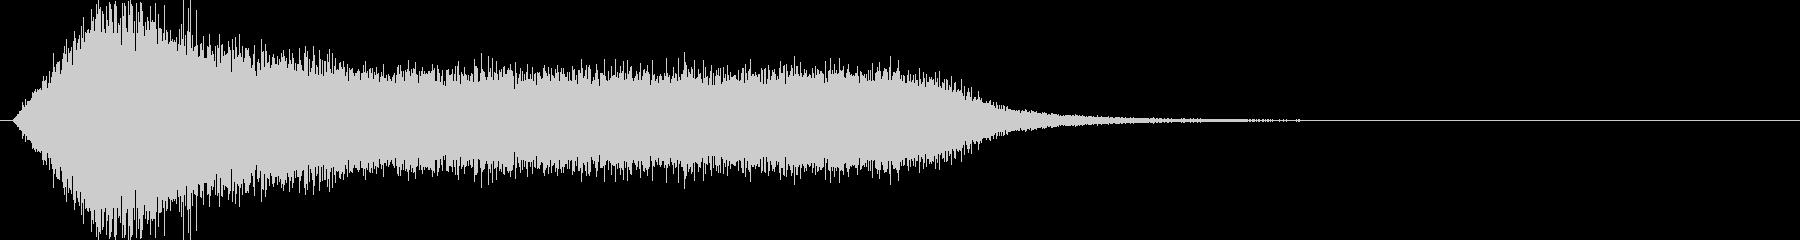 エネルギー・魔力#4(残響・響く)の未再生の波形